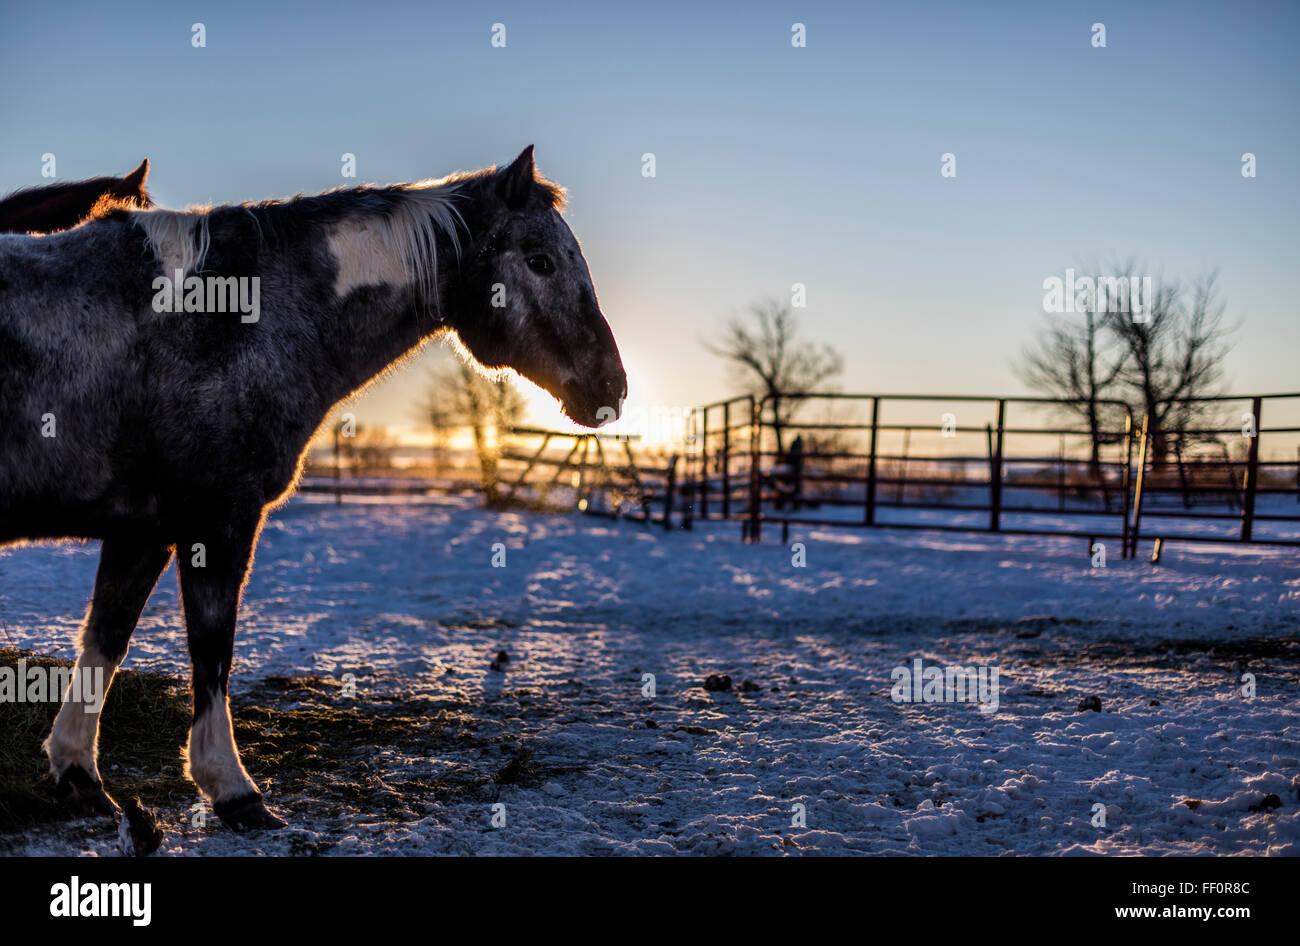 Mustangs aprobó en la naturaleza a través de un programa de gobierno en su nuevo hogar en el este de Idaho. Imagen De Stock